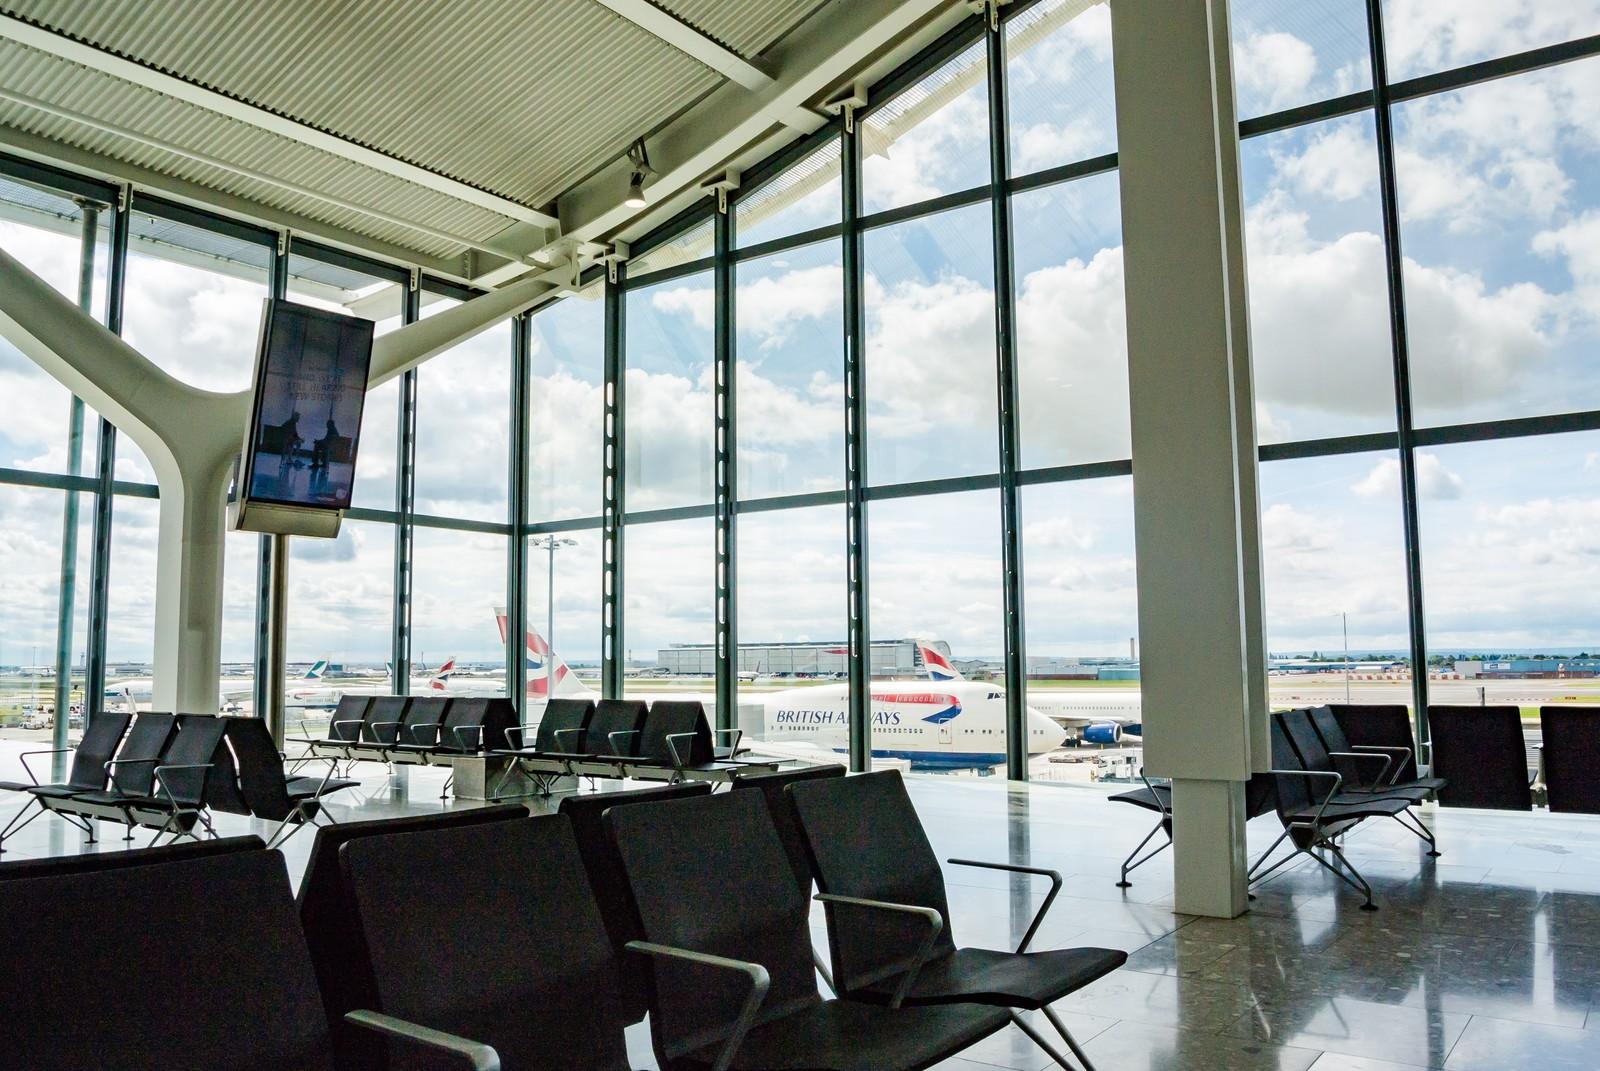 イギリスのヒースロー空港まとめ!お土産・市内アクセス・免税手続きまで!